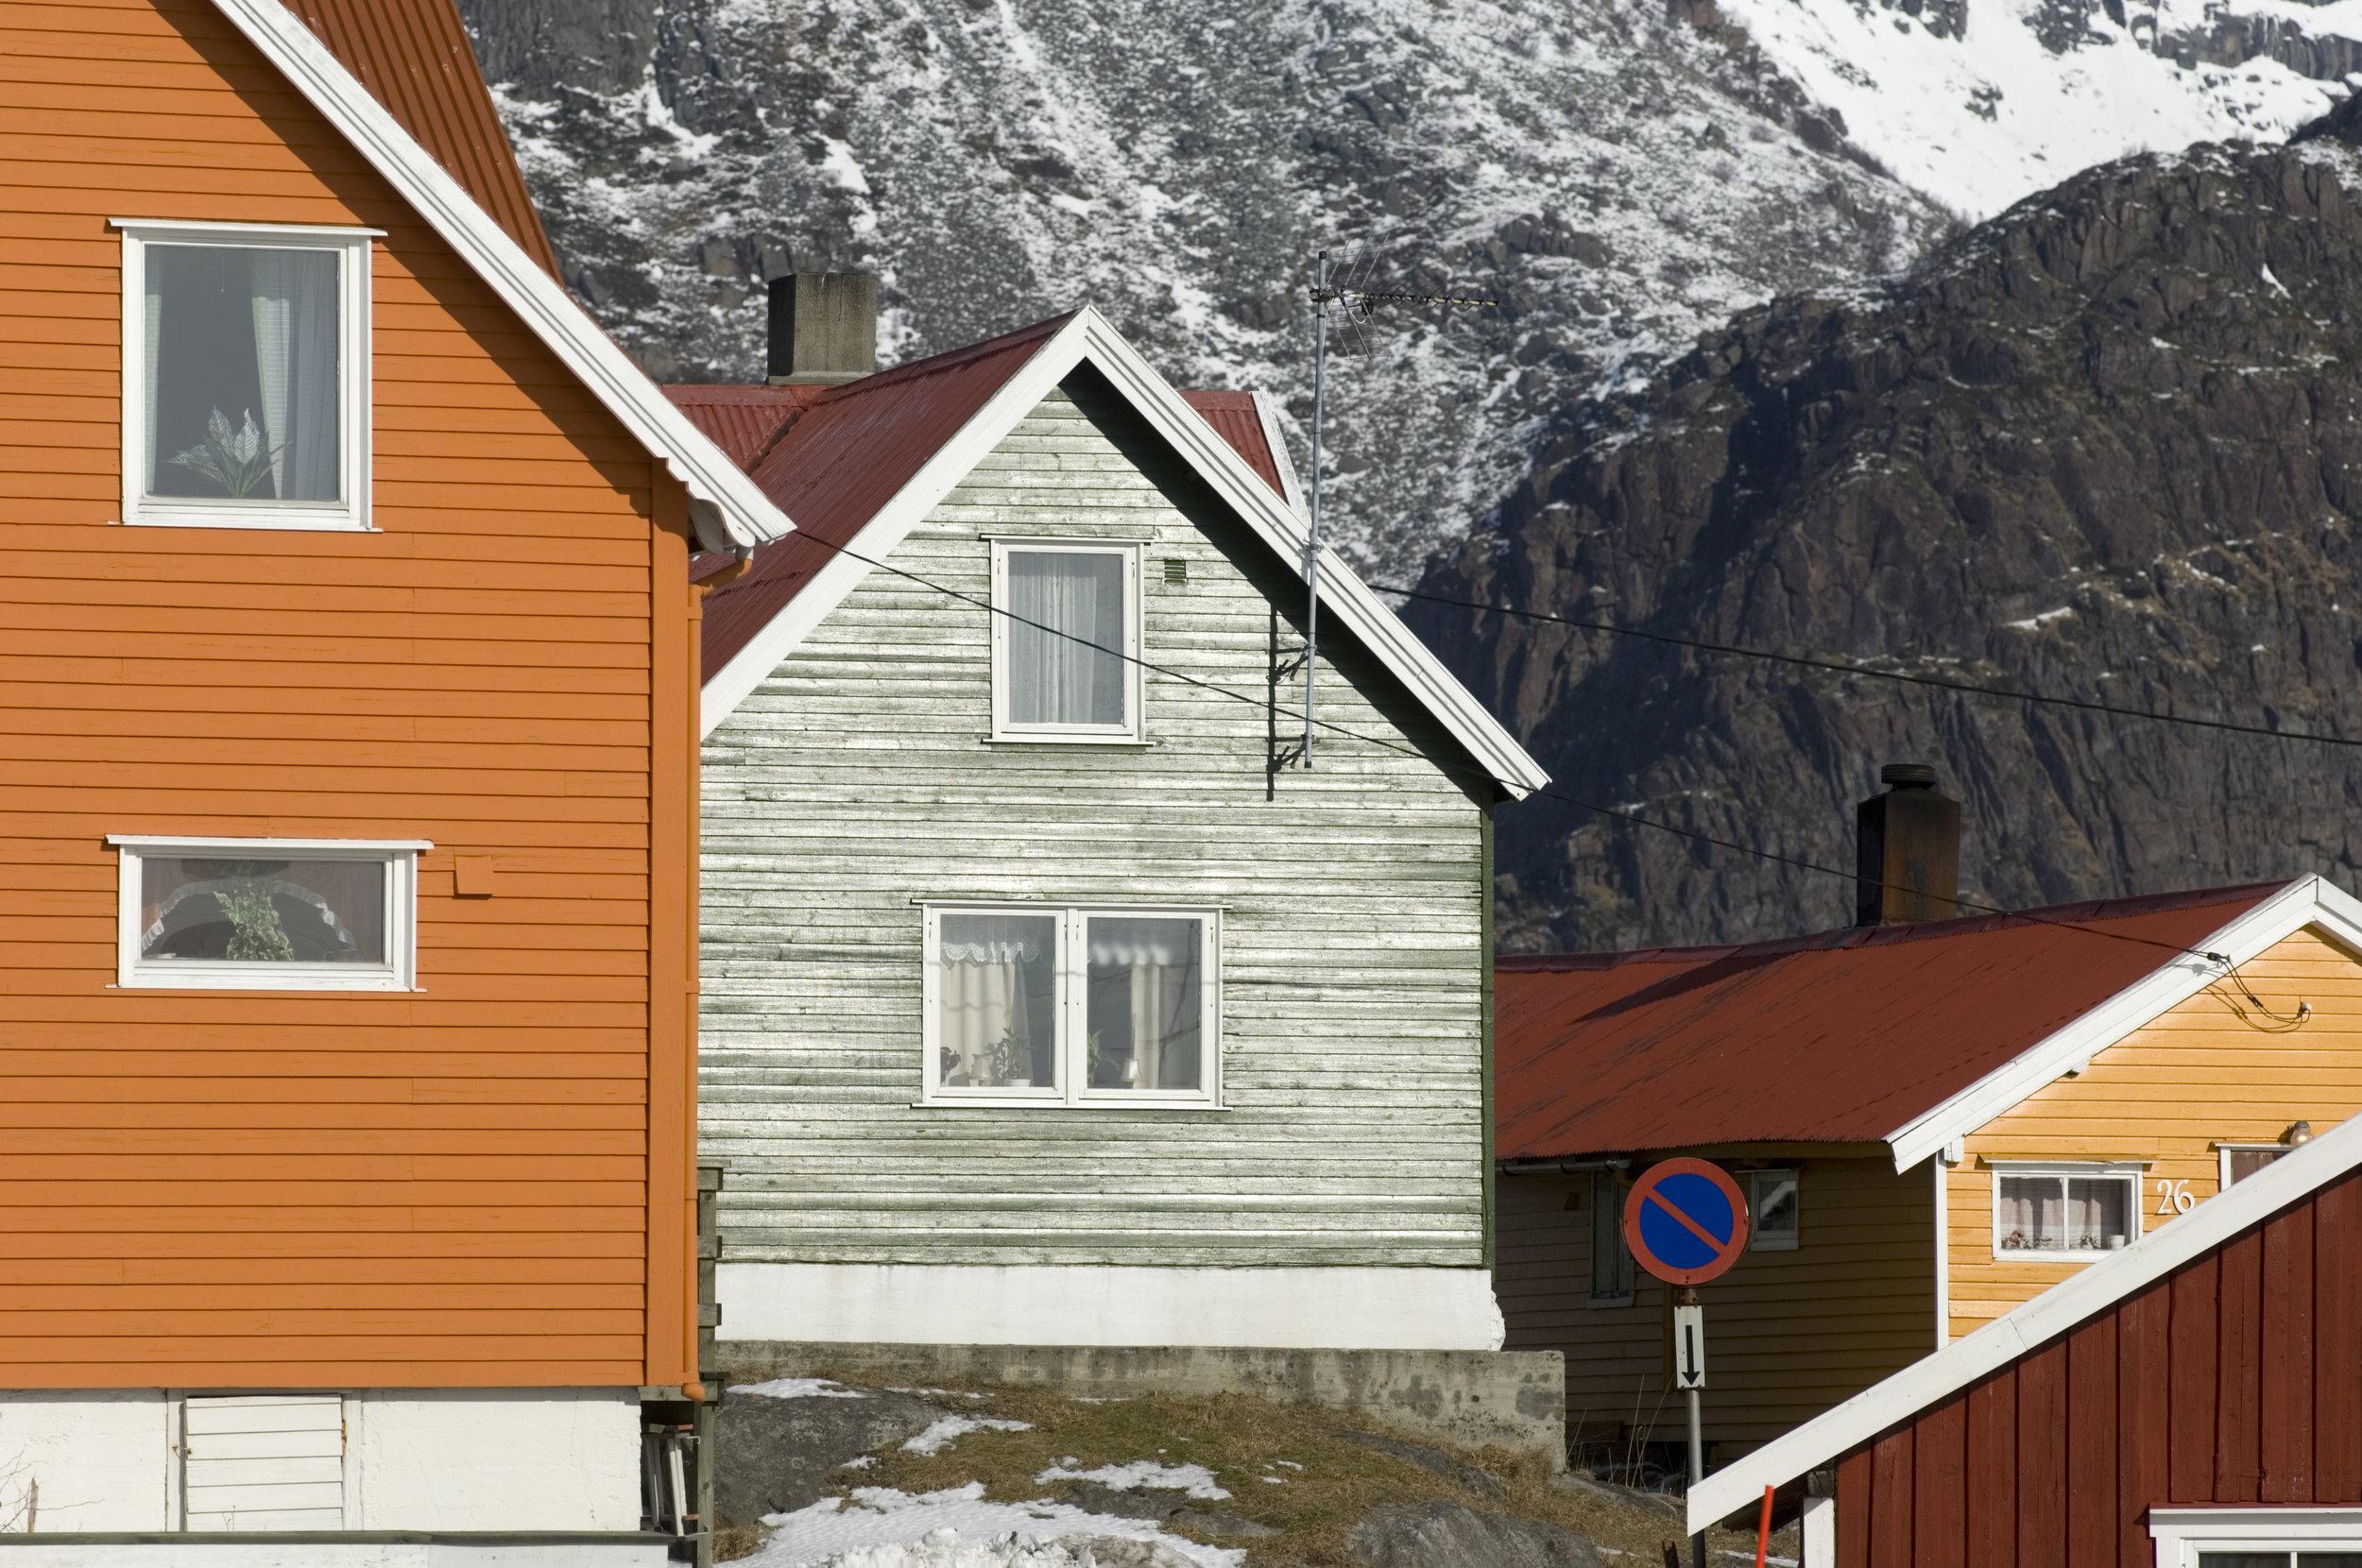 Evy Jansen, Stamsund - Evy er tilflytter til Lofoten og har kjørt buss i øyriket siden 2000. I løpet av den tiden har hun tilegnet seg kunnskaper som en hver turistguide kan misunne, og hun deler mer enn gjerne sine beste tips til hvordan du skal bruke tiden best mulig i Lofoten.